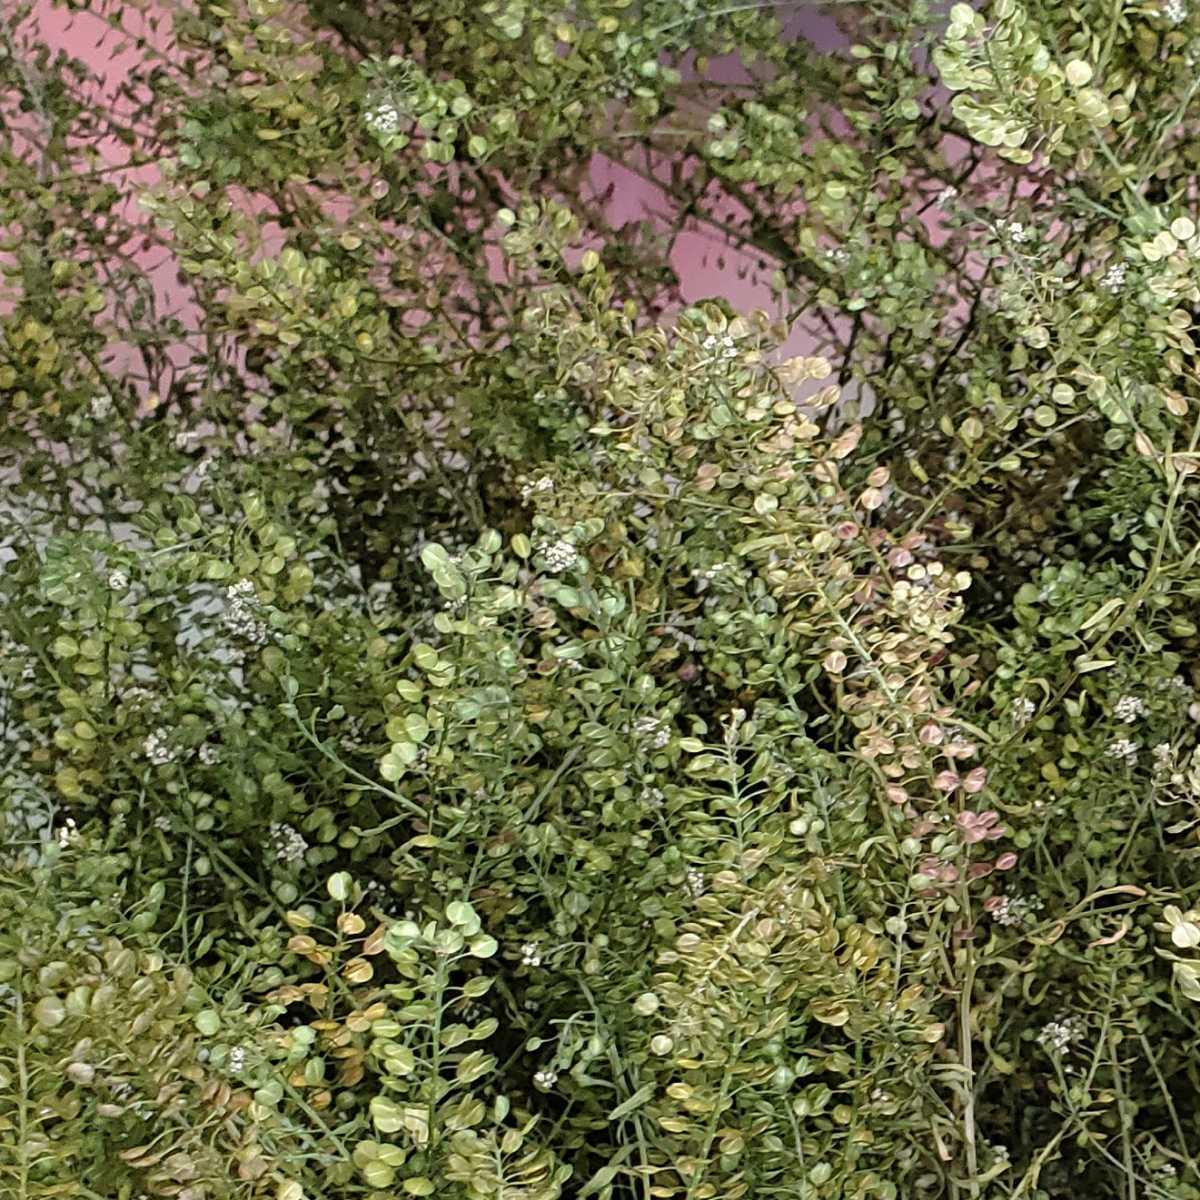 マメグンバイナズナ 種 200粒以上 アブラナ科 ドライフラワー スワッグ リース アレンジ 山野草 _画像2